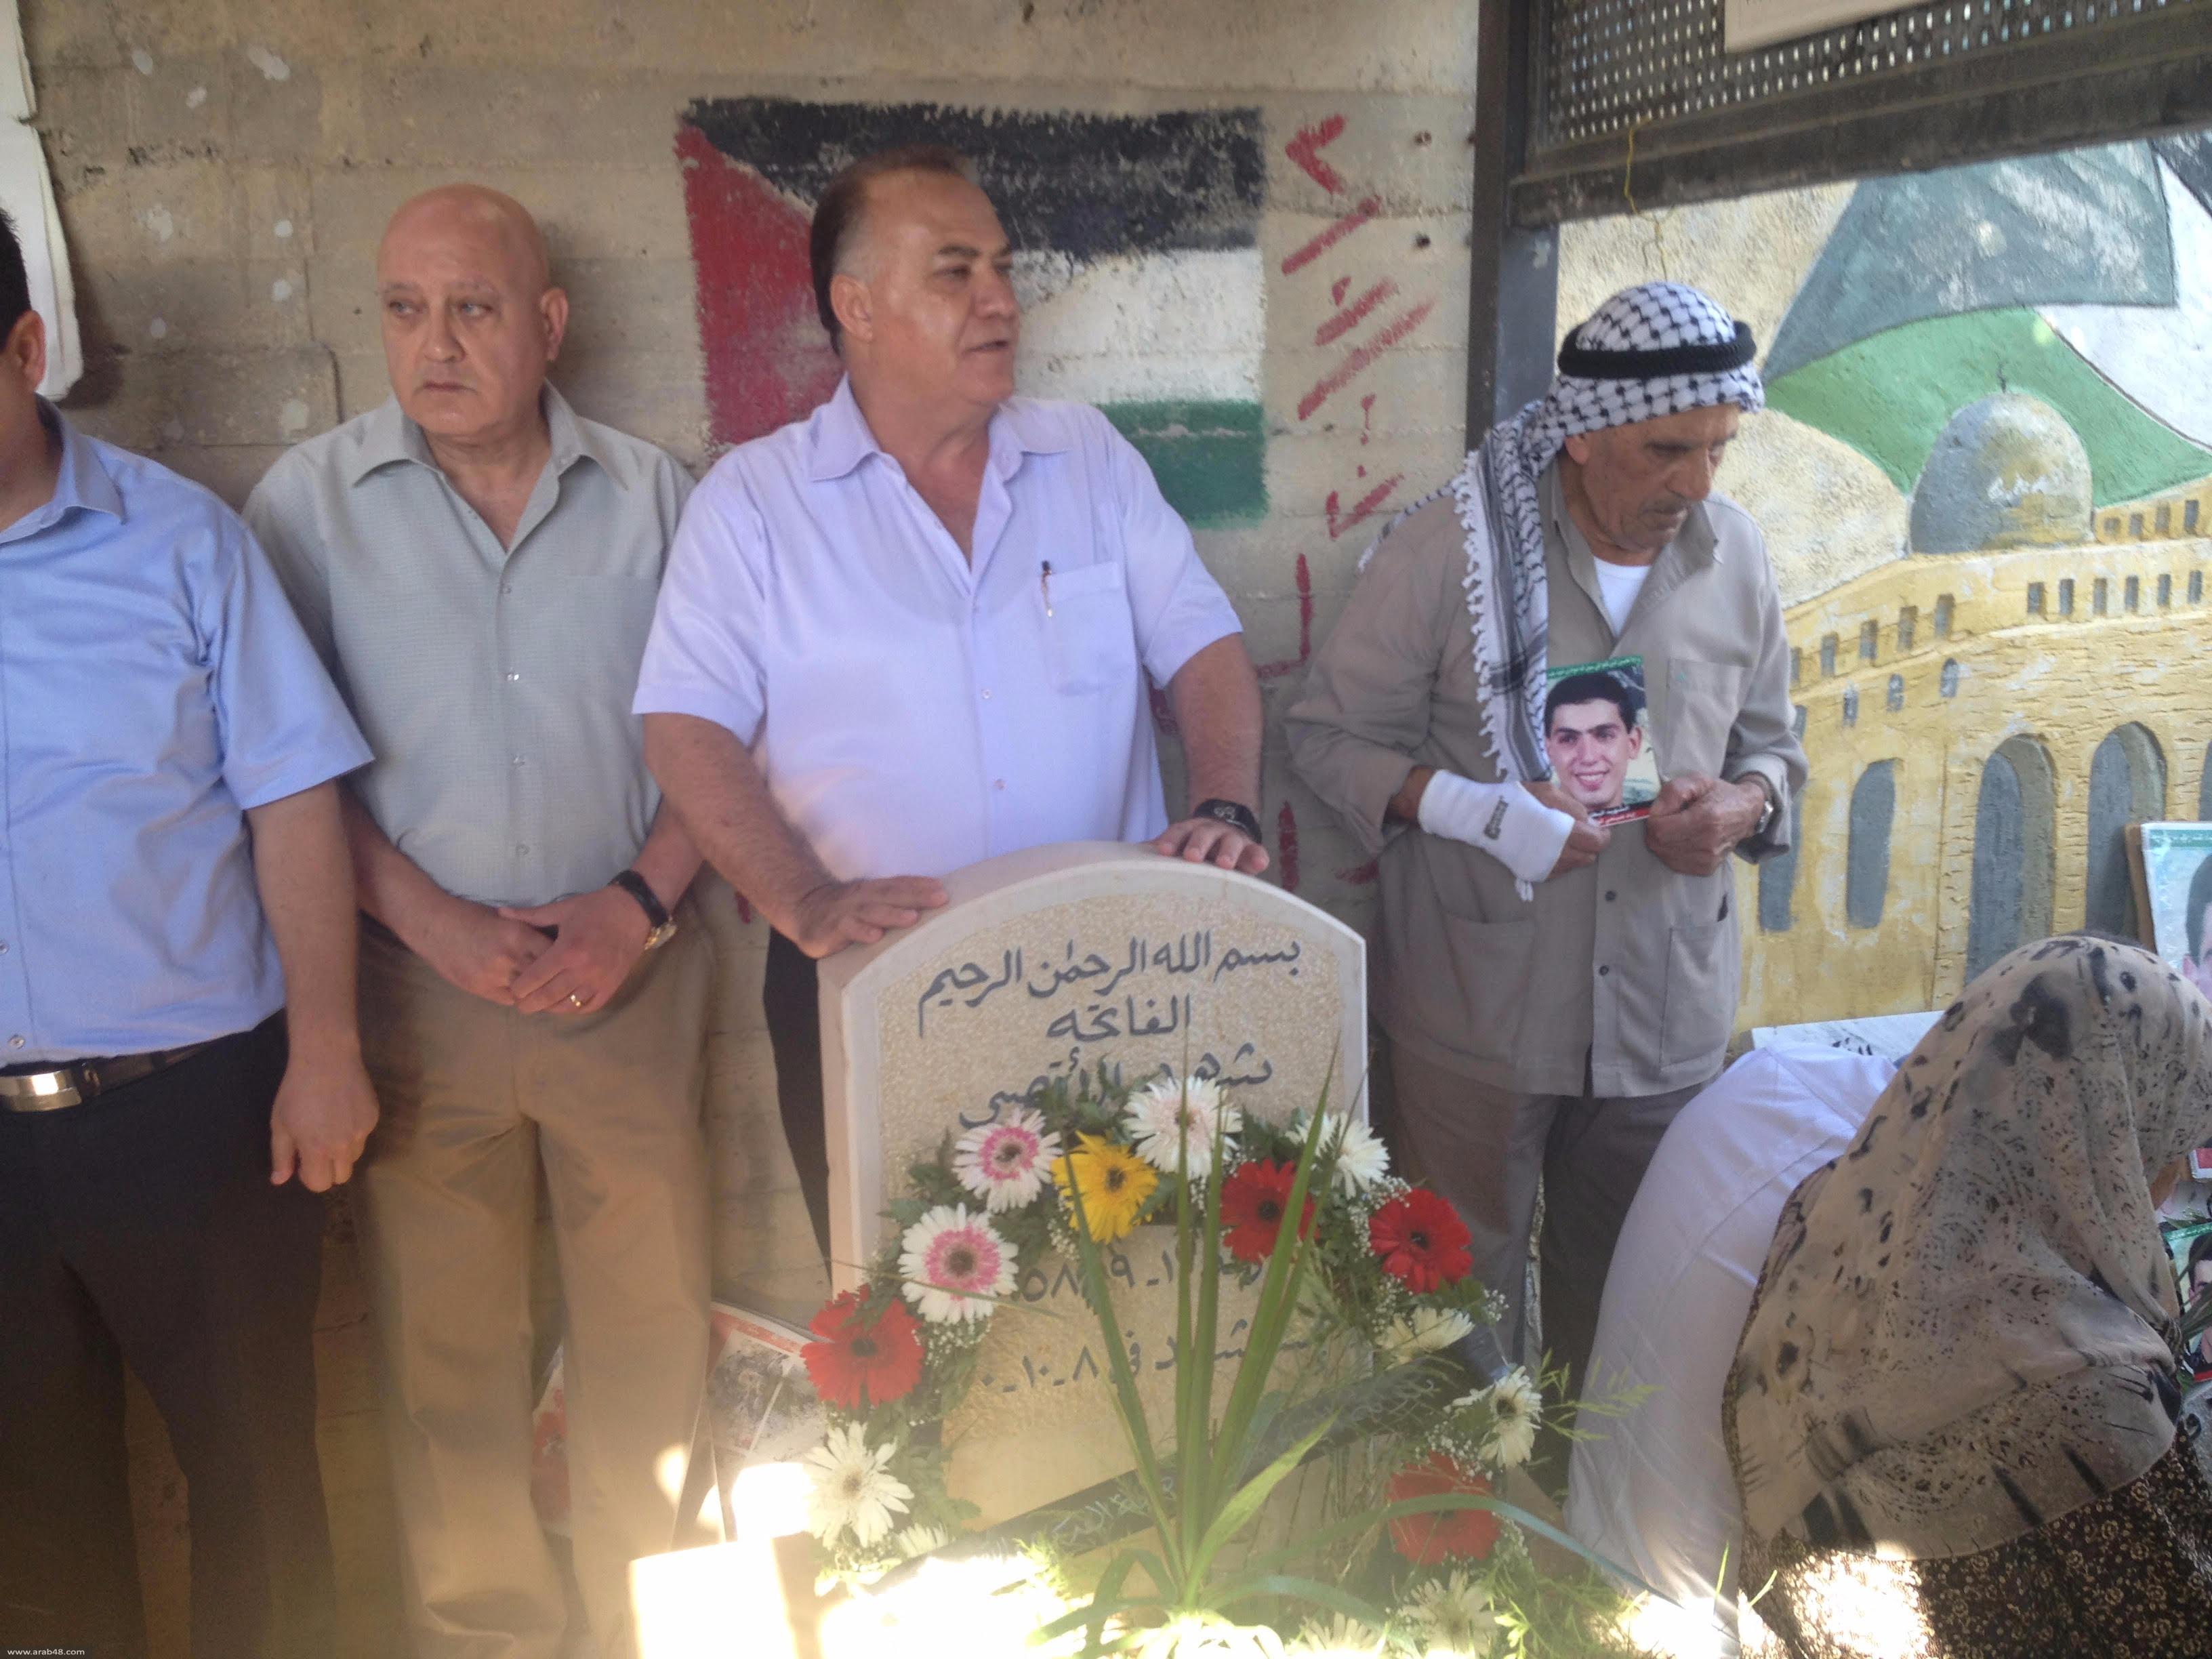 الناصرة: إحياء ذكرى هبة القدس والأقصى وزيارة أضرحة الشهداء